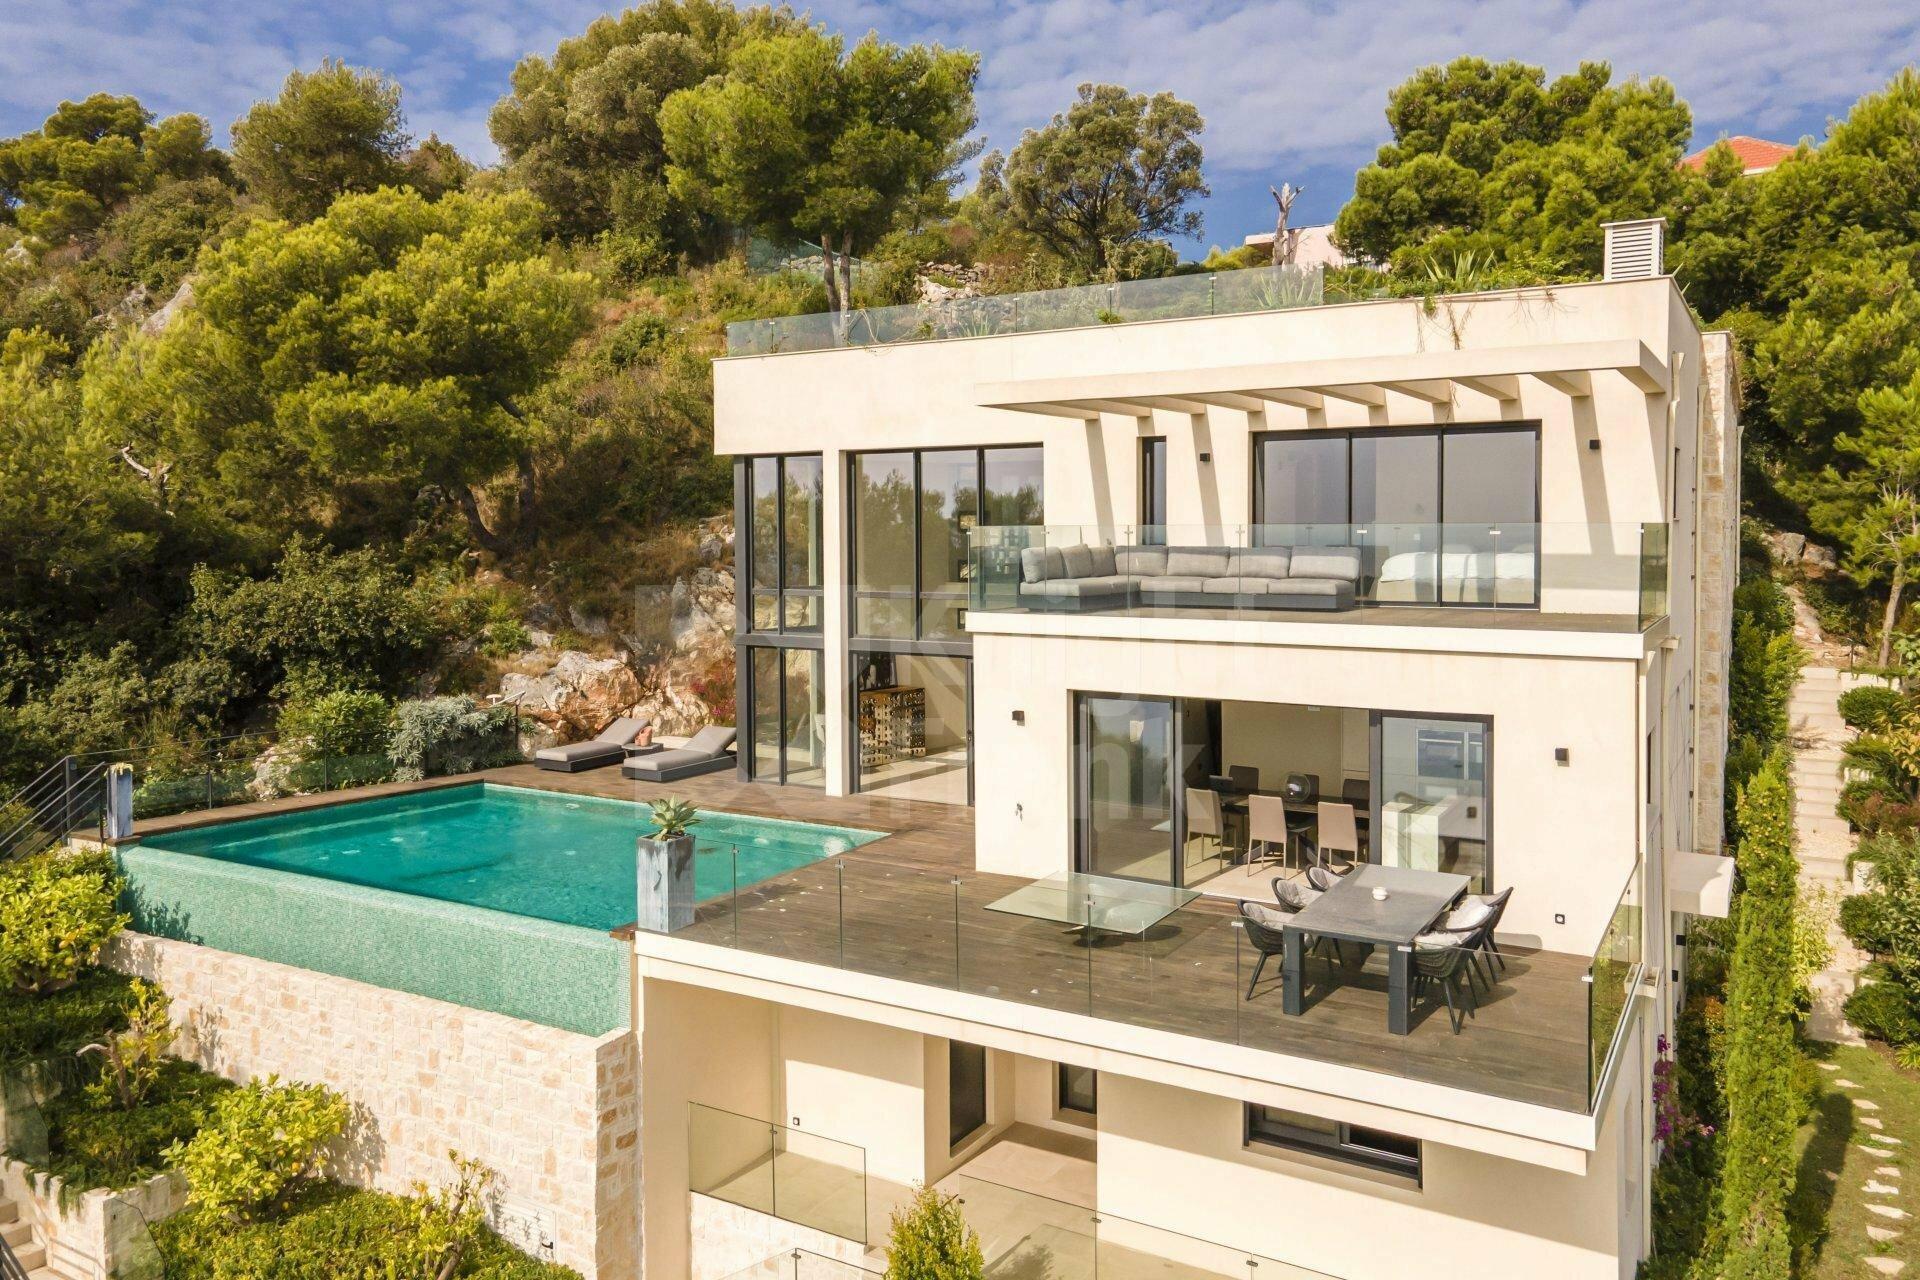 Villa in Villefranche-sur-Mer, Provence-Alpes-Côte d'Azur, France 1 - 11503215